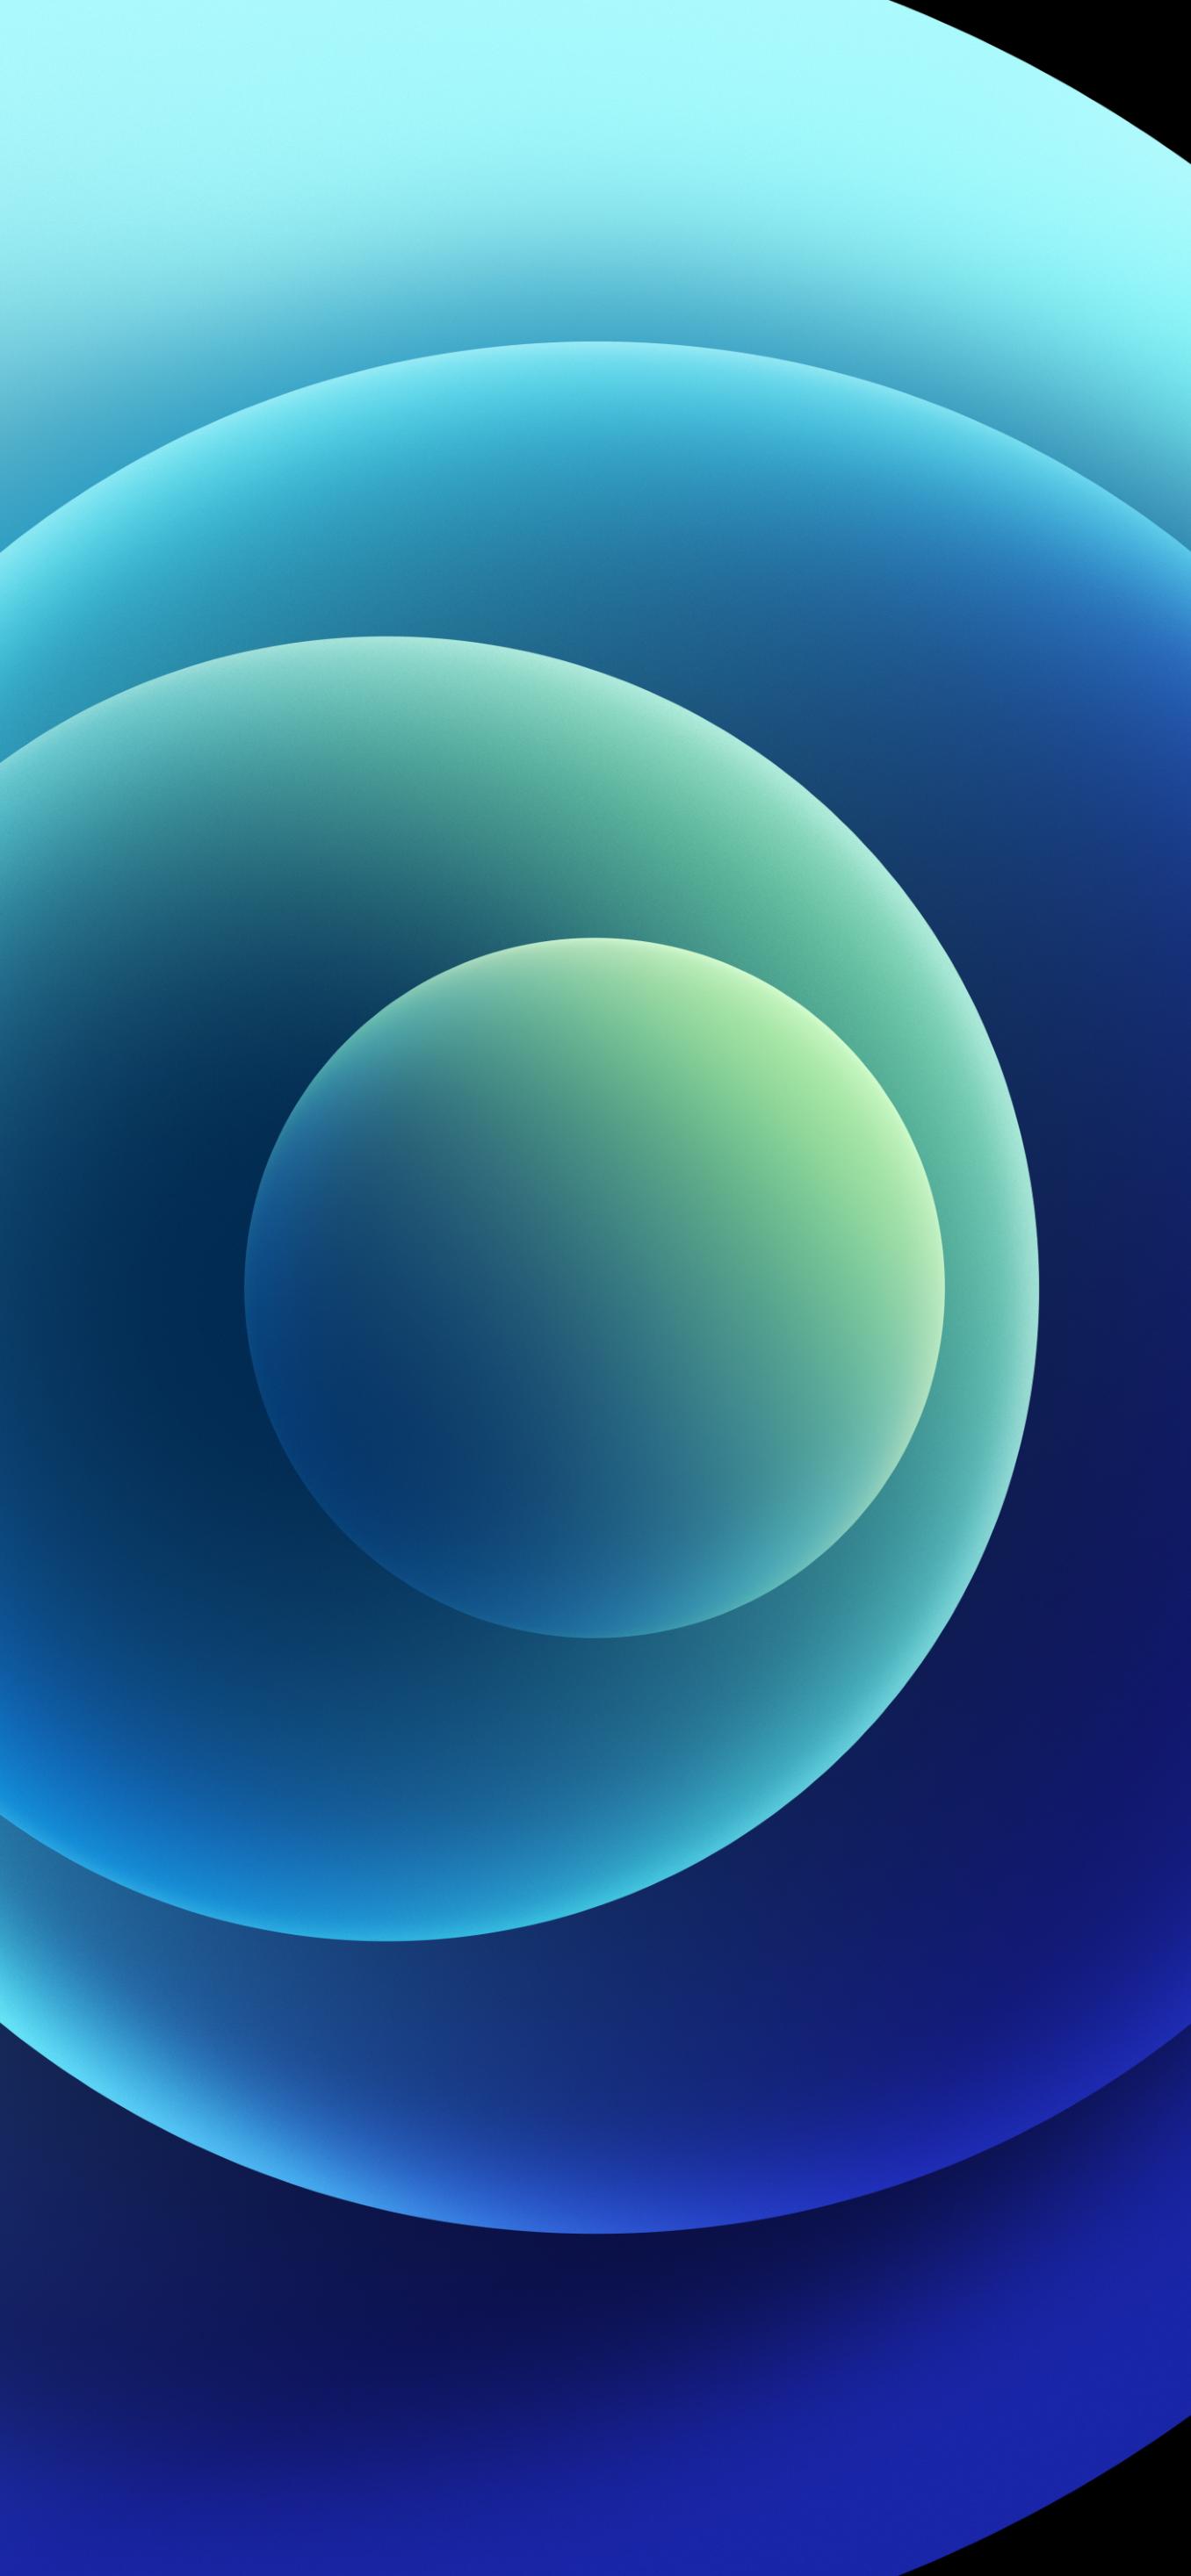 Hình nền iPhone 12 xanh biển sáng